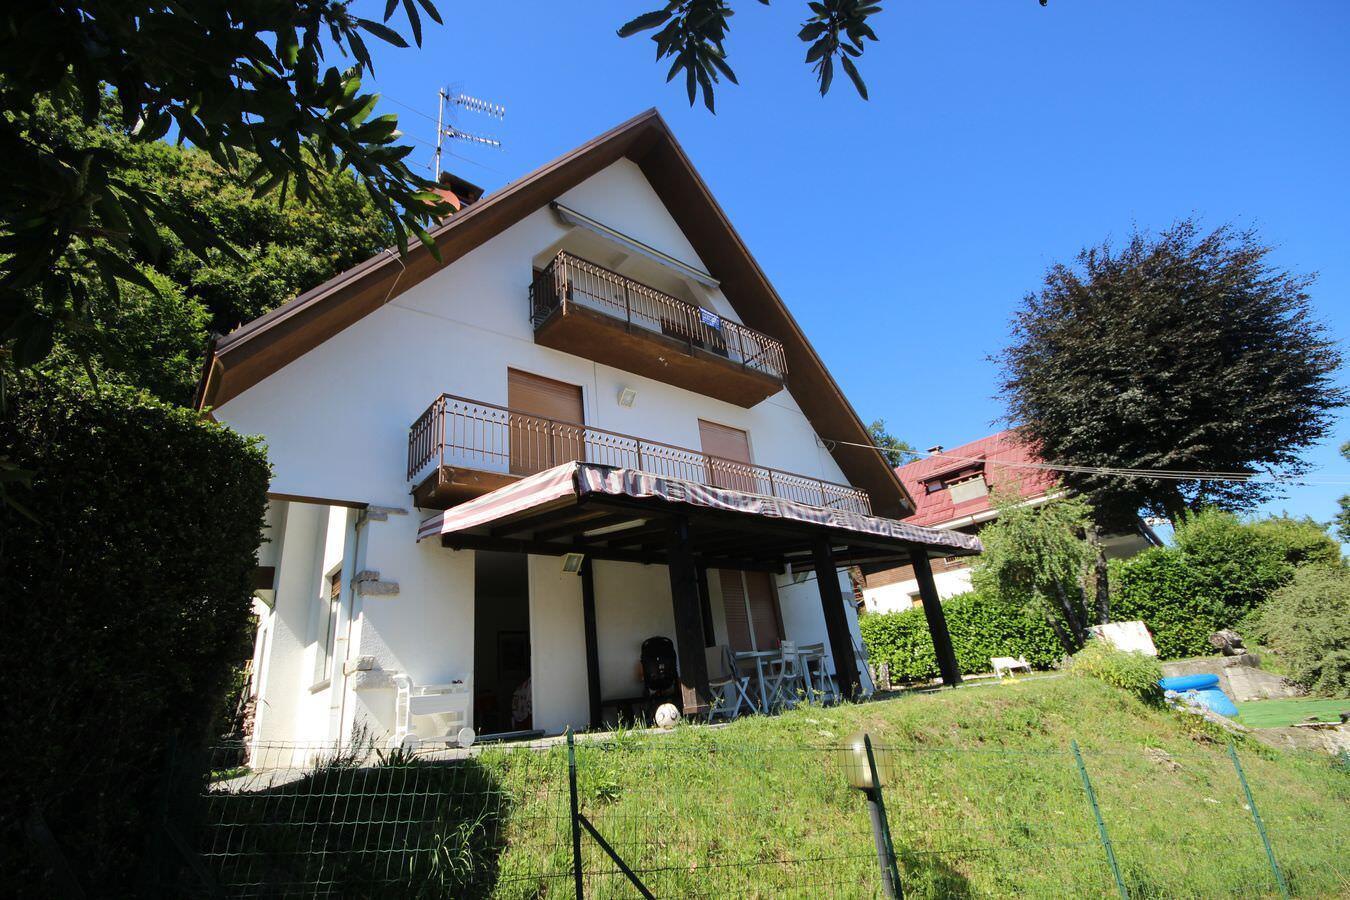 Appartamento in abitazione stile chalet